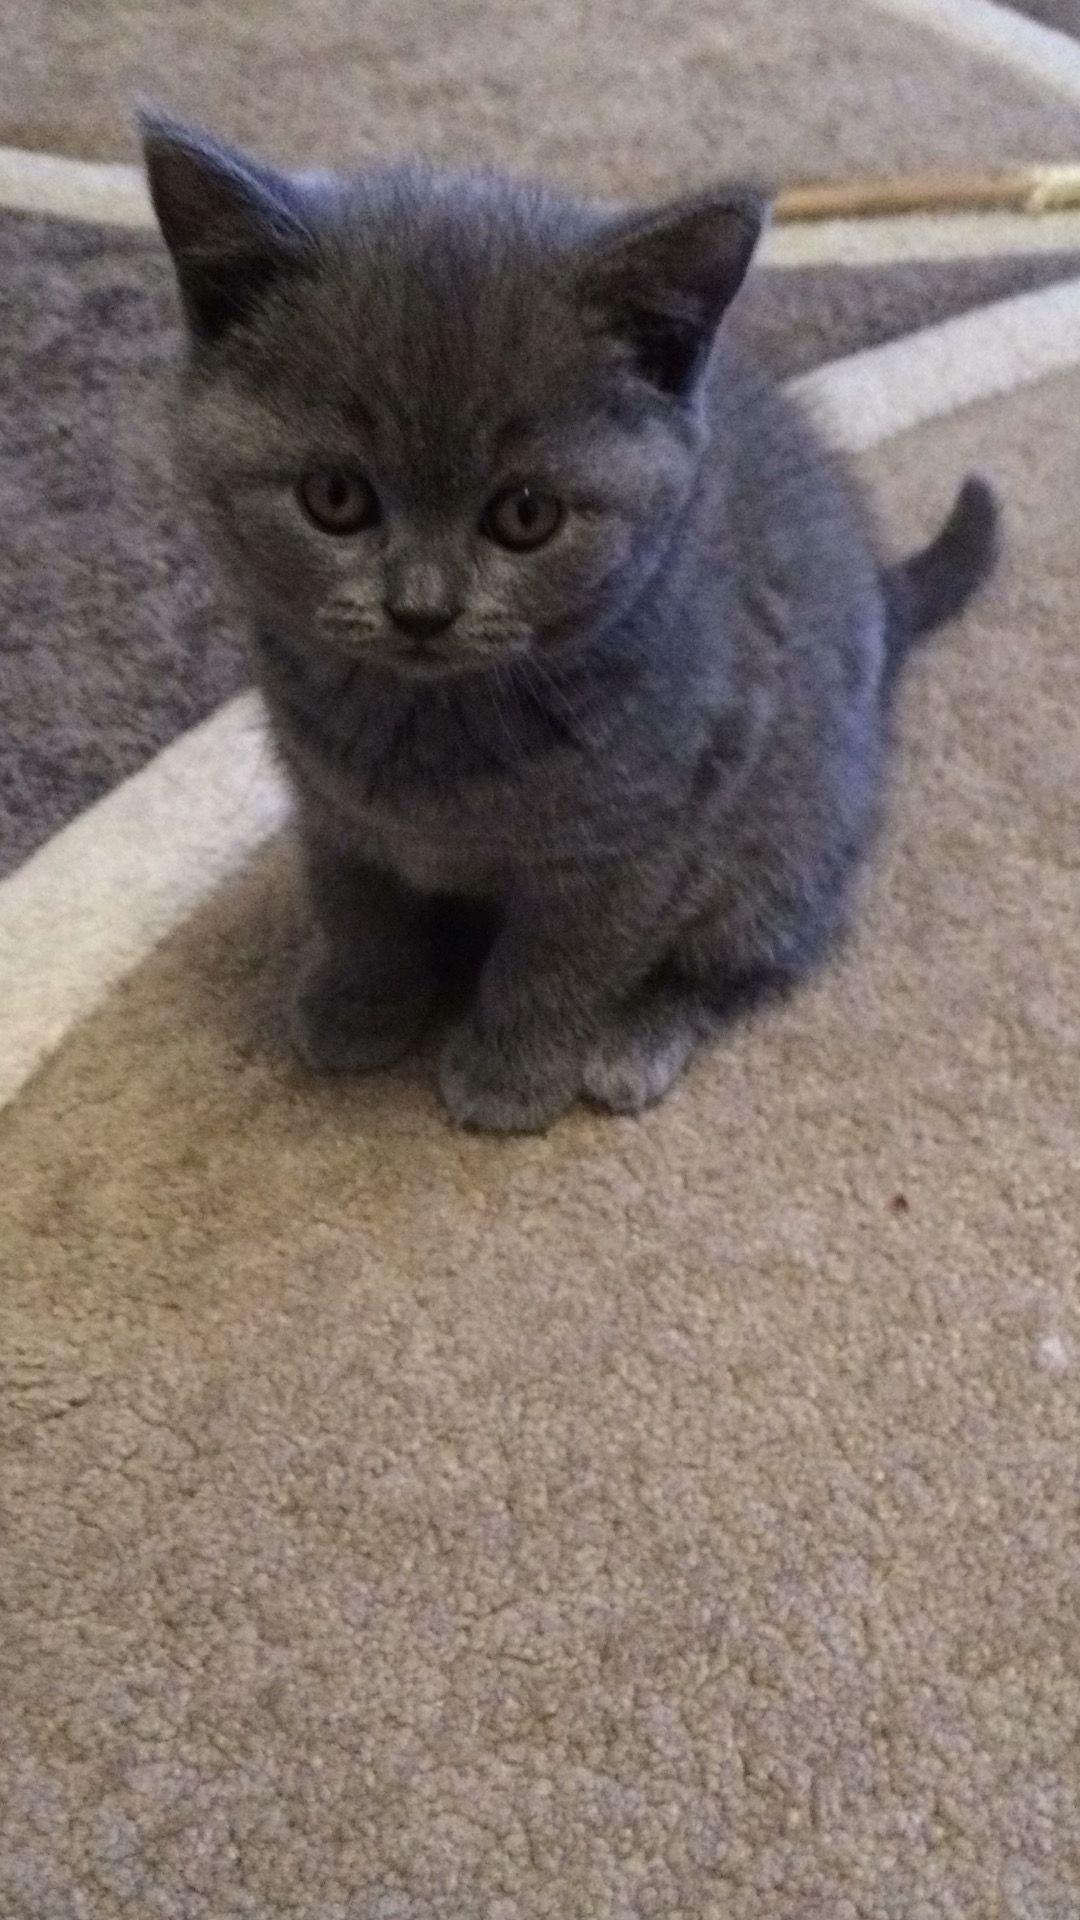 My cat 😻